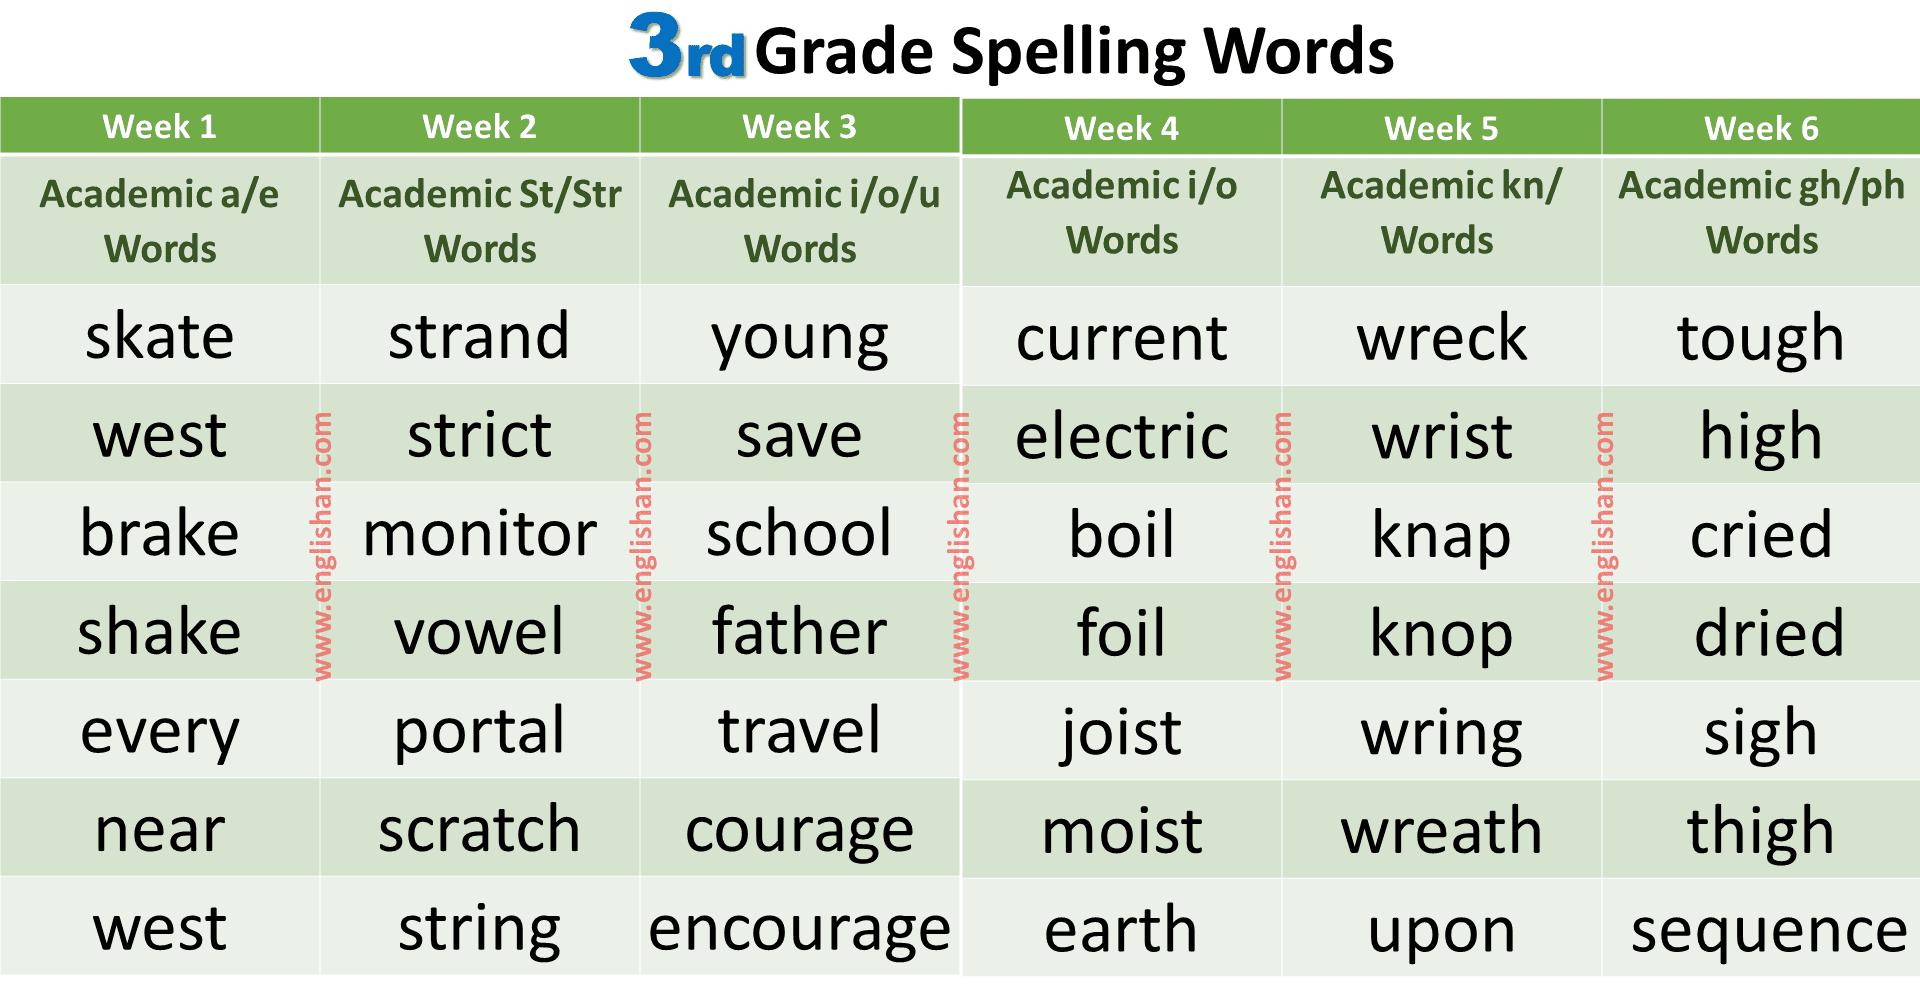 3rd Grade Spelling Words List